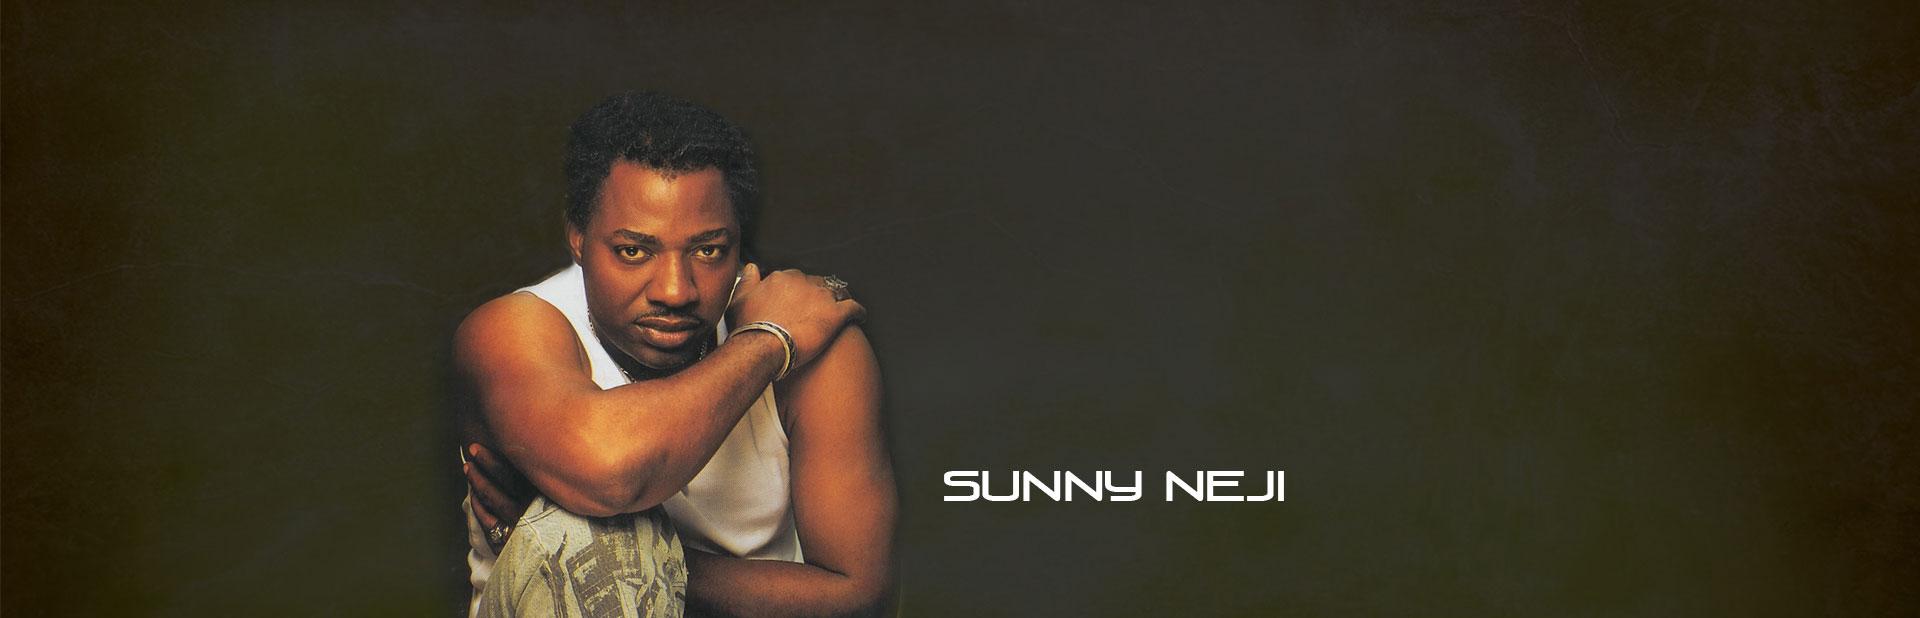 Sunny Neji